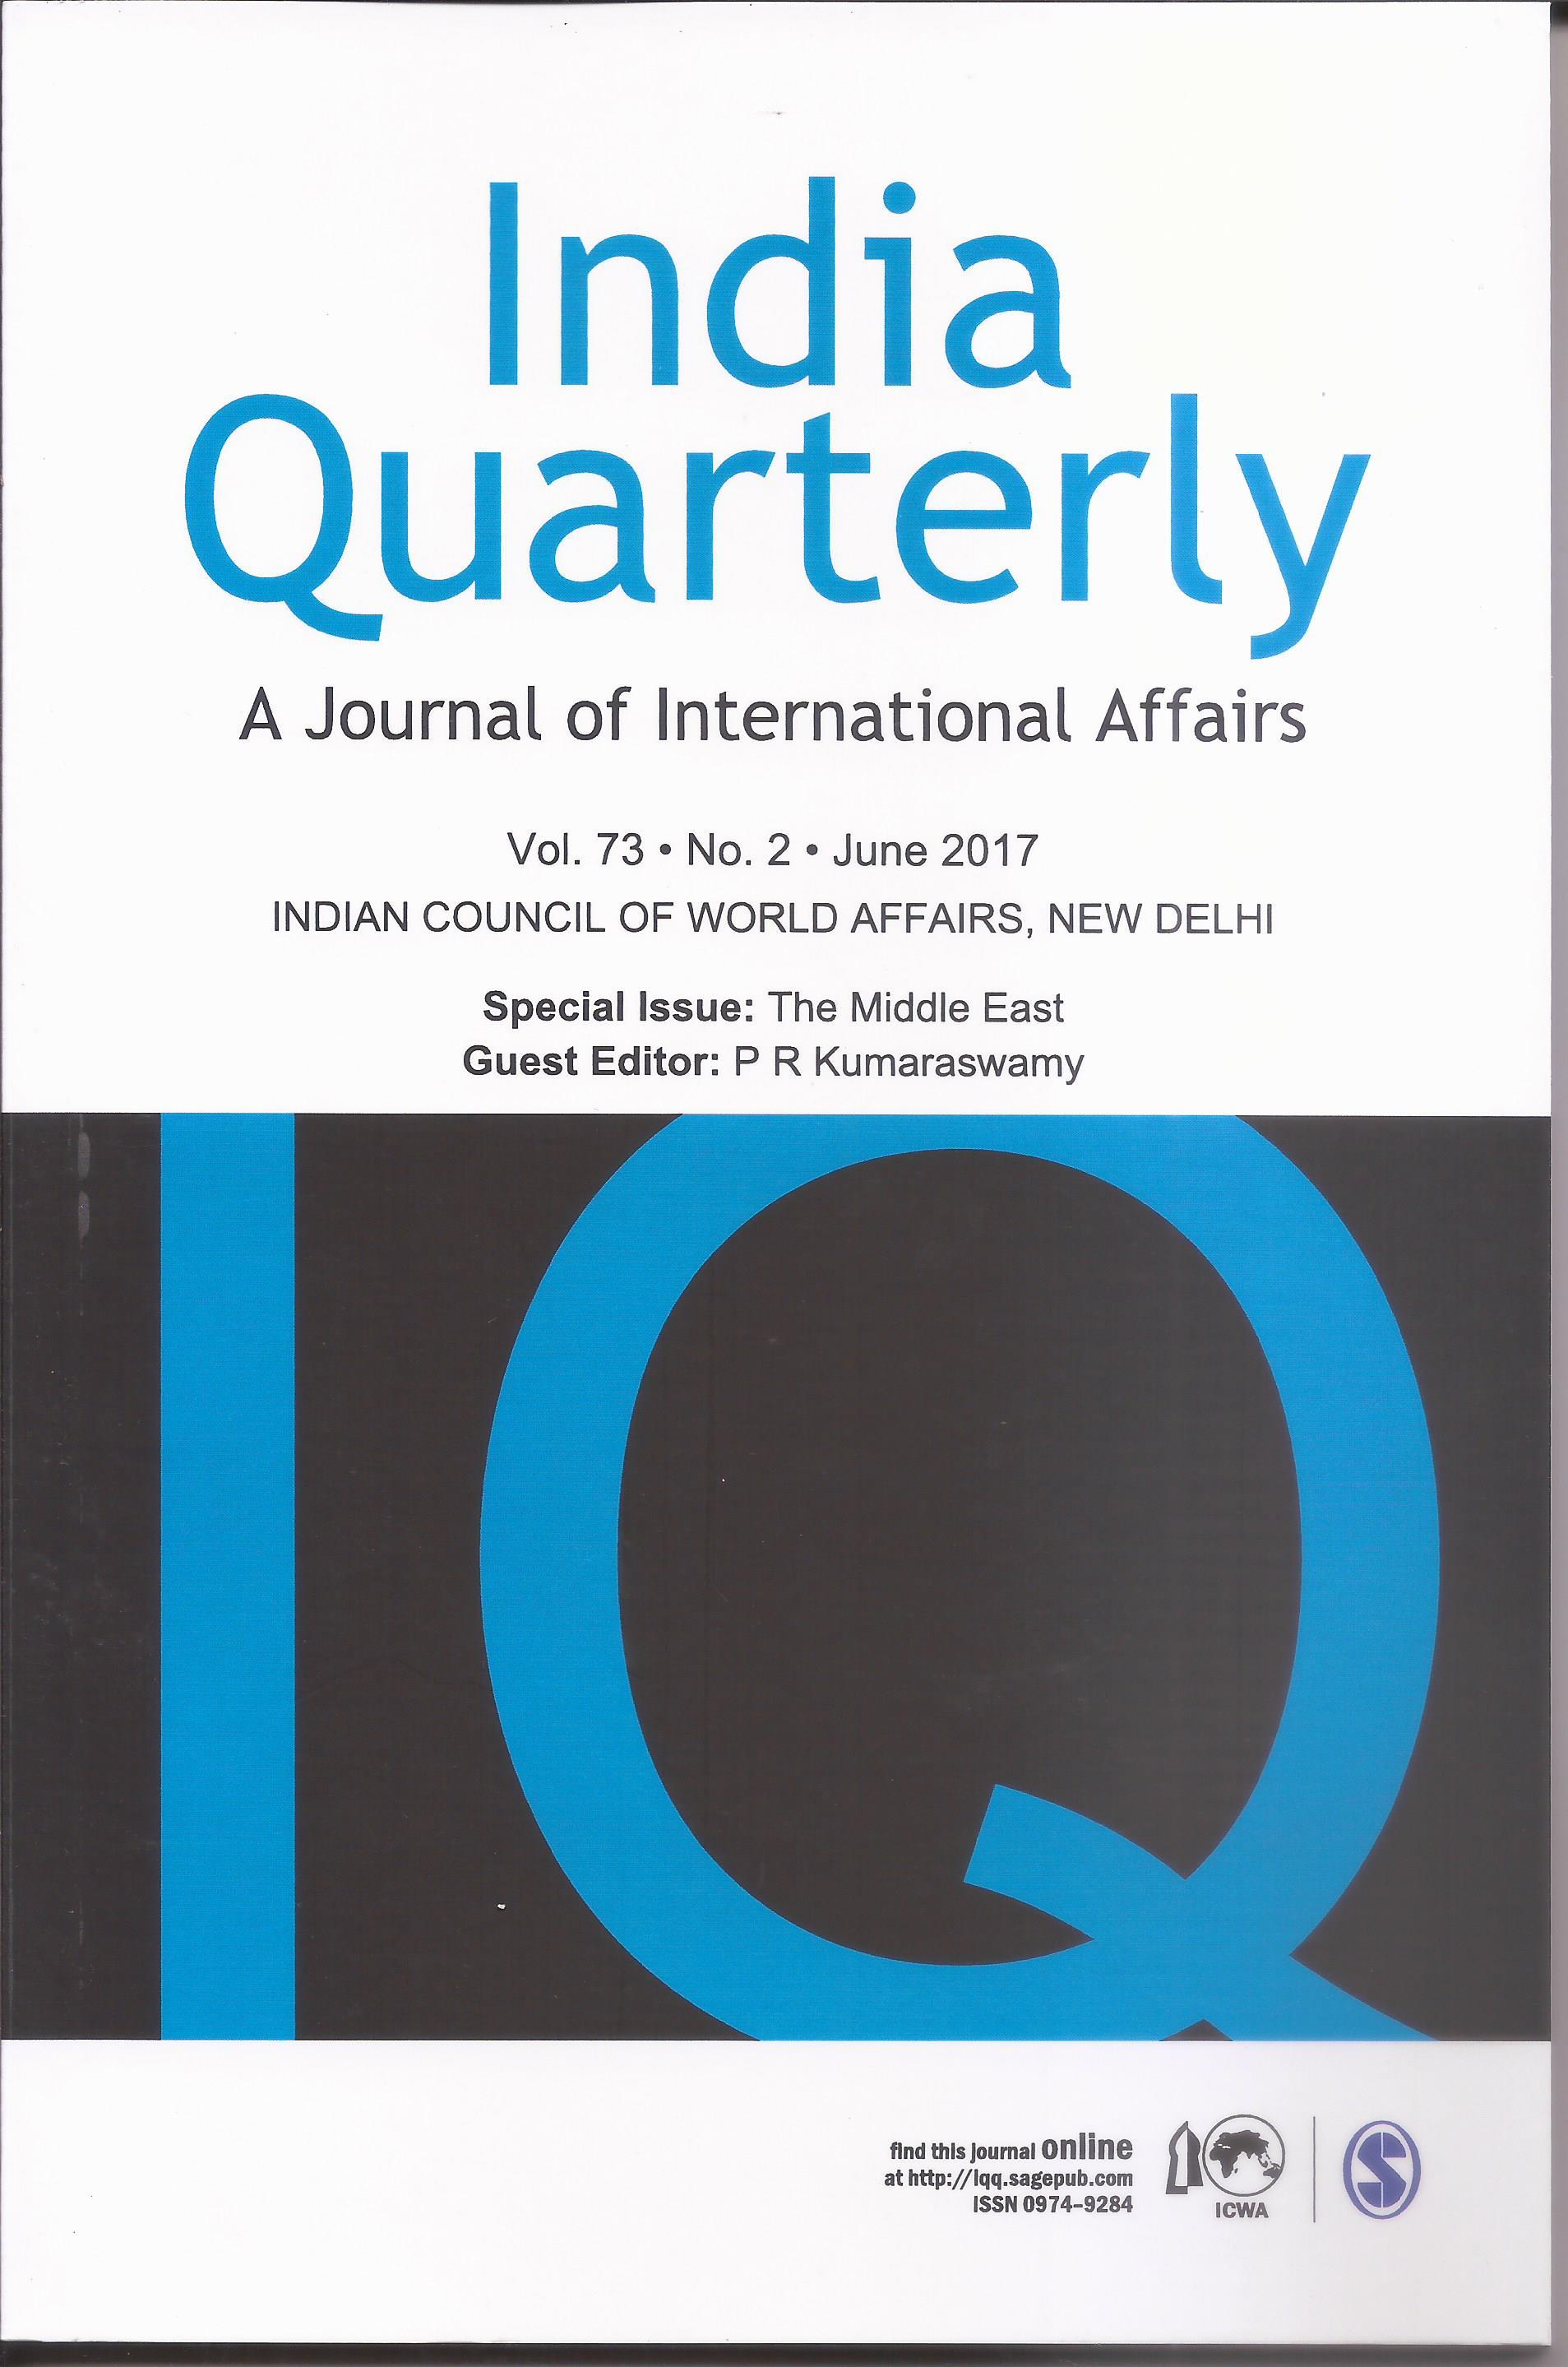 India Quarterly